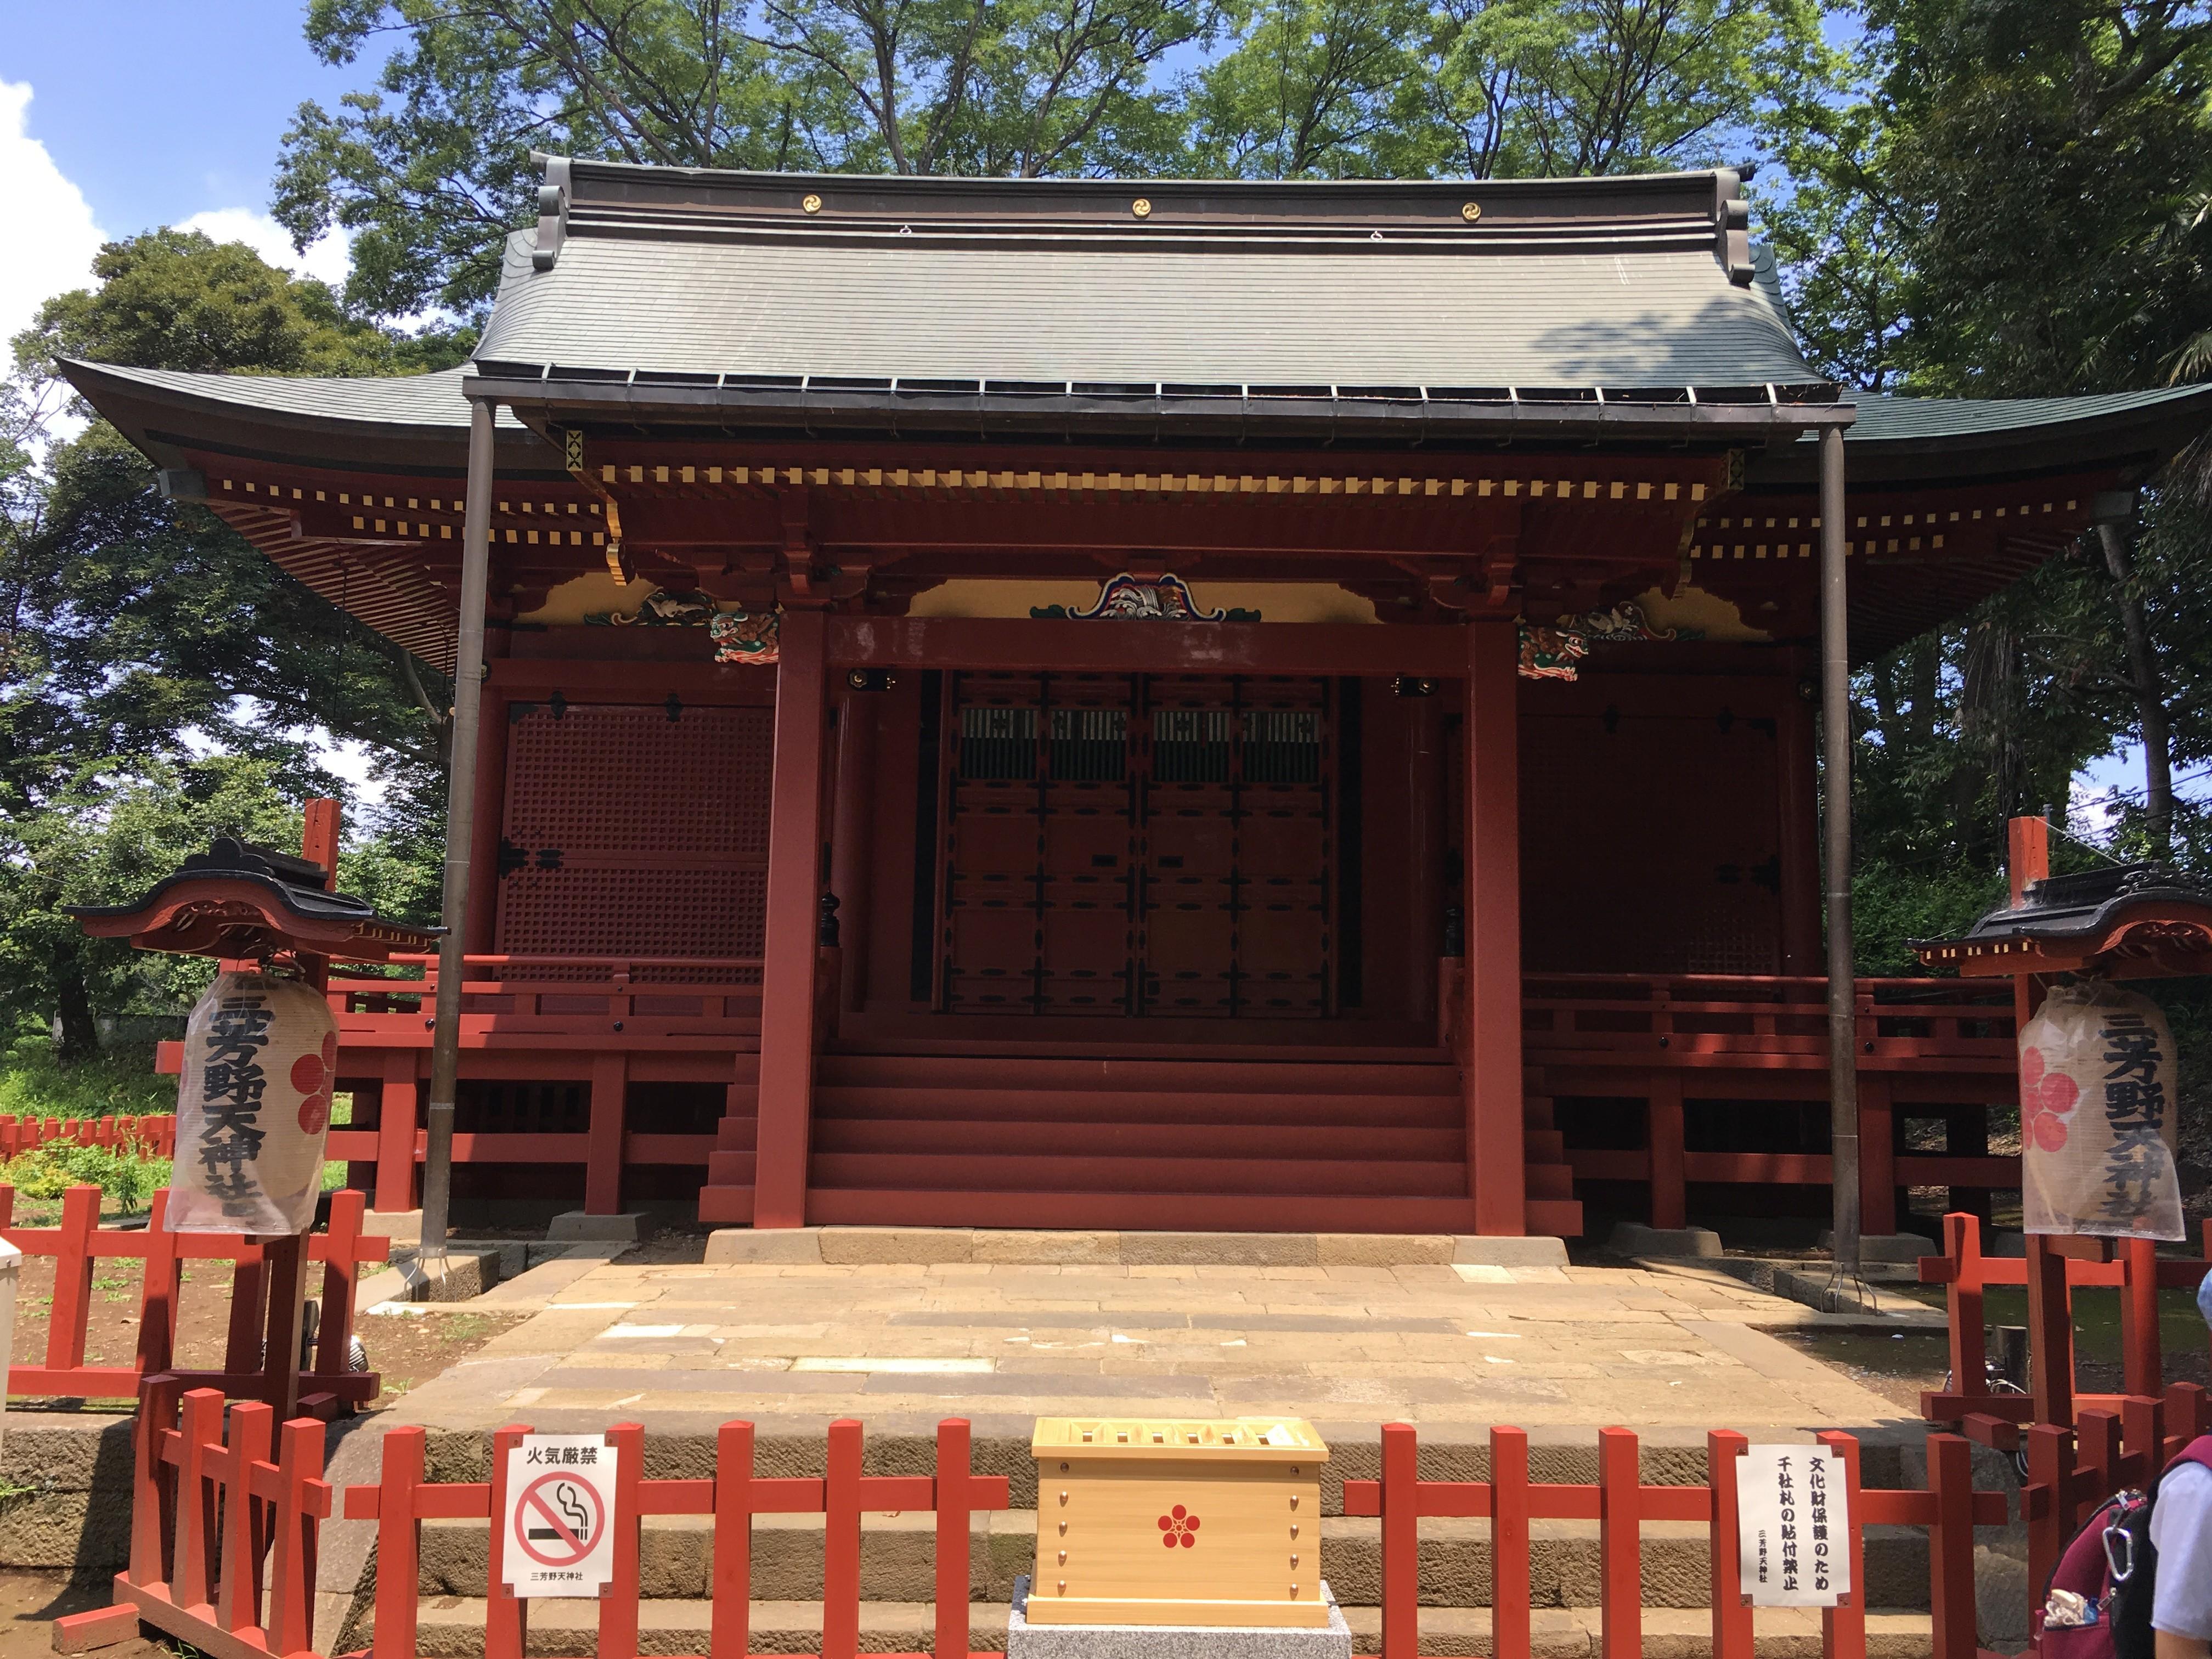 三芳野神社(童歌「通りゃんせ」はこの神社の参道が舞台)